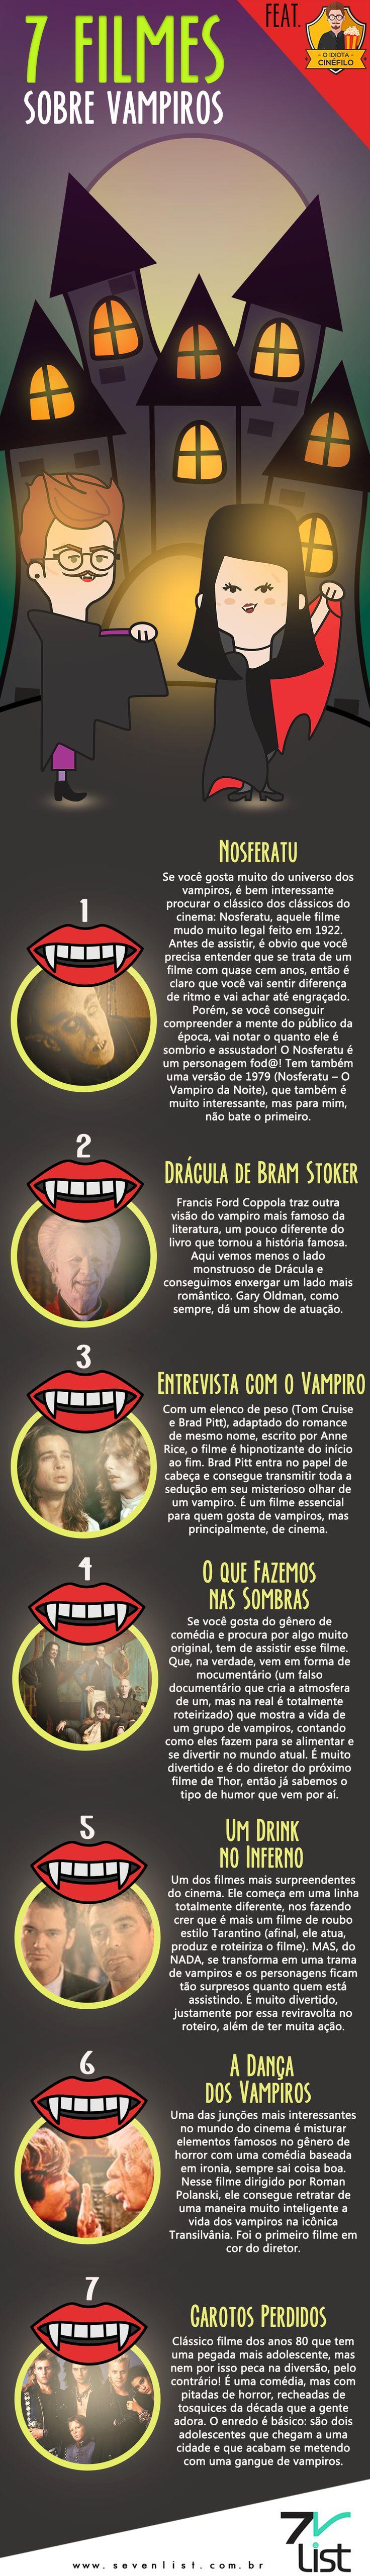 O mês de outubro já está acabando e nós aqui já entramos no clima do Halloween. Confira a lista que @oidiotacinefilo preparou com 7 filmes sobre vampiros. #sevenlist #Cine #Cinema #Film #Filmes #dicasdefilmes #Movies #vampires #halloween